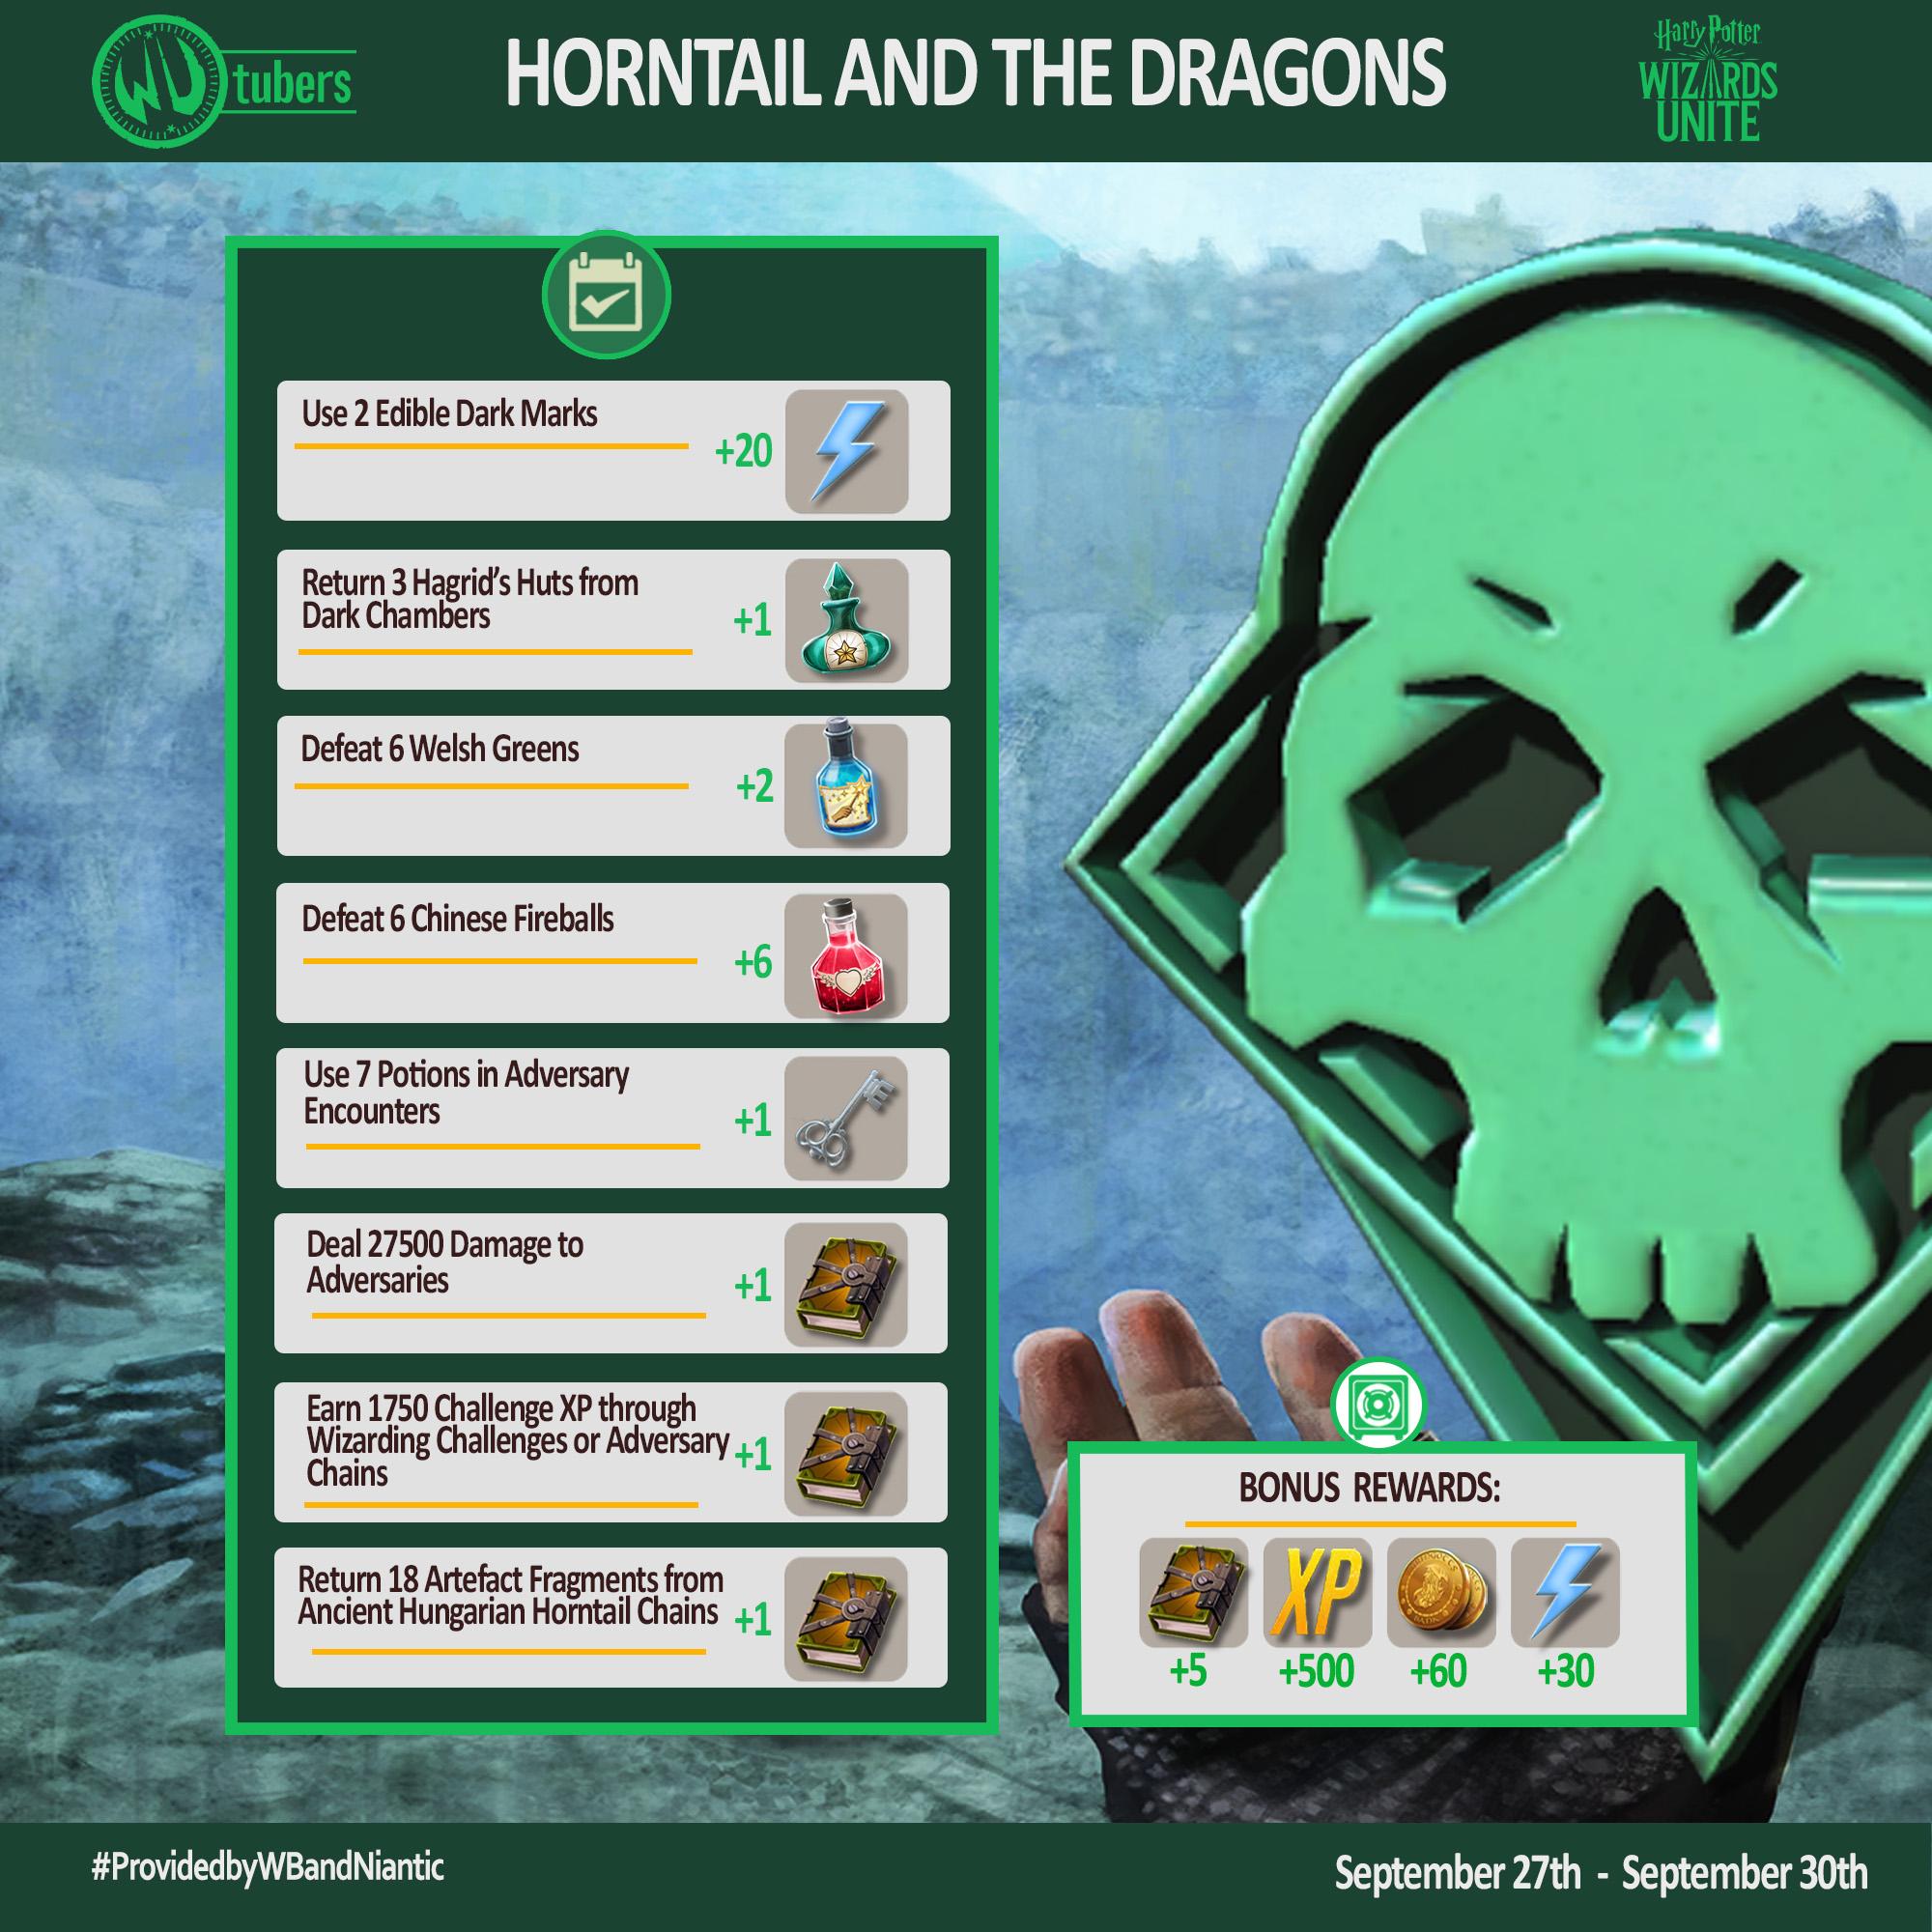 Horntail__Dragons_Event_Tasks.jpg